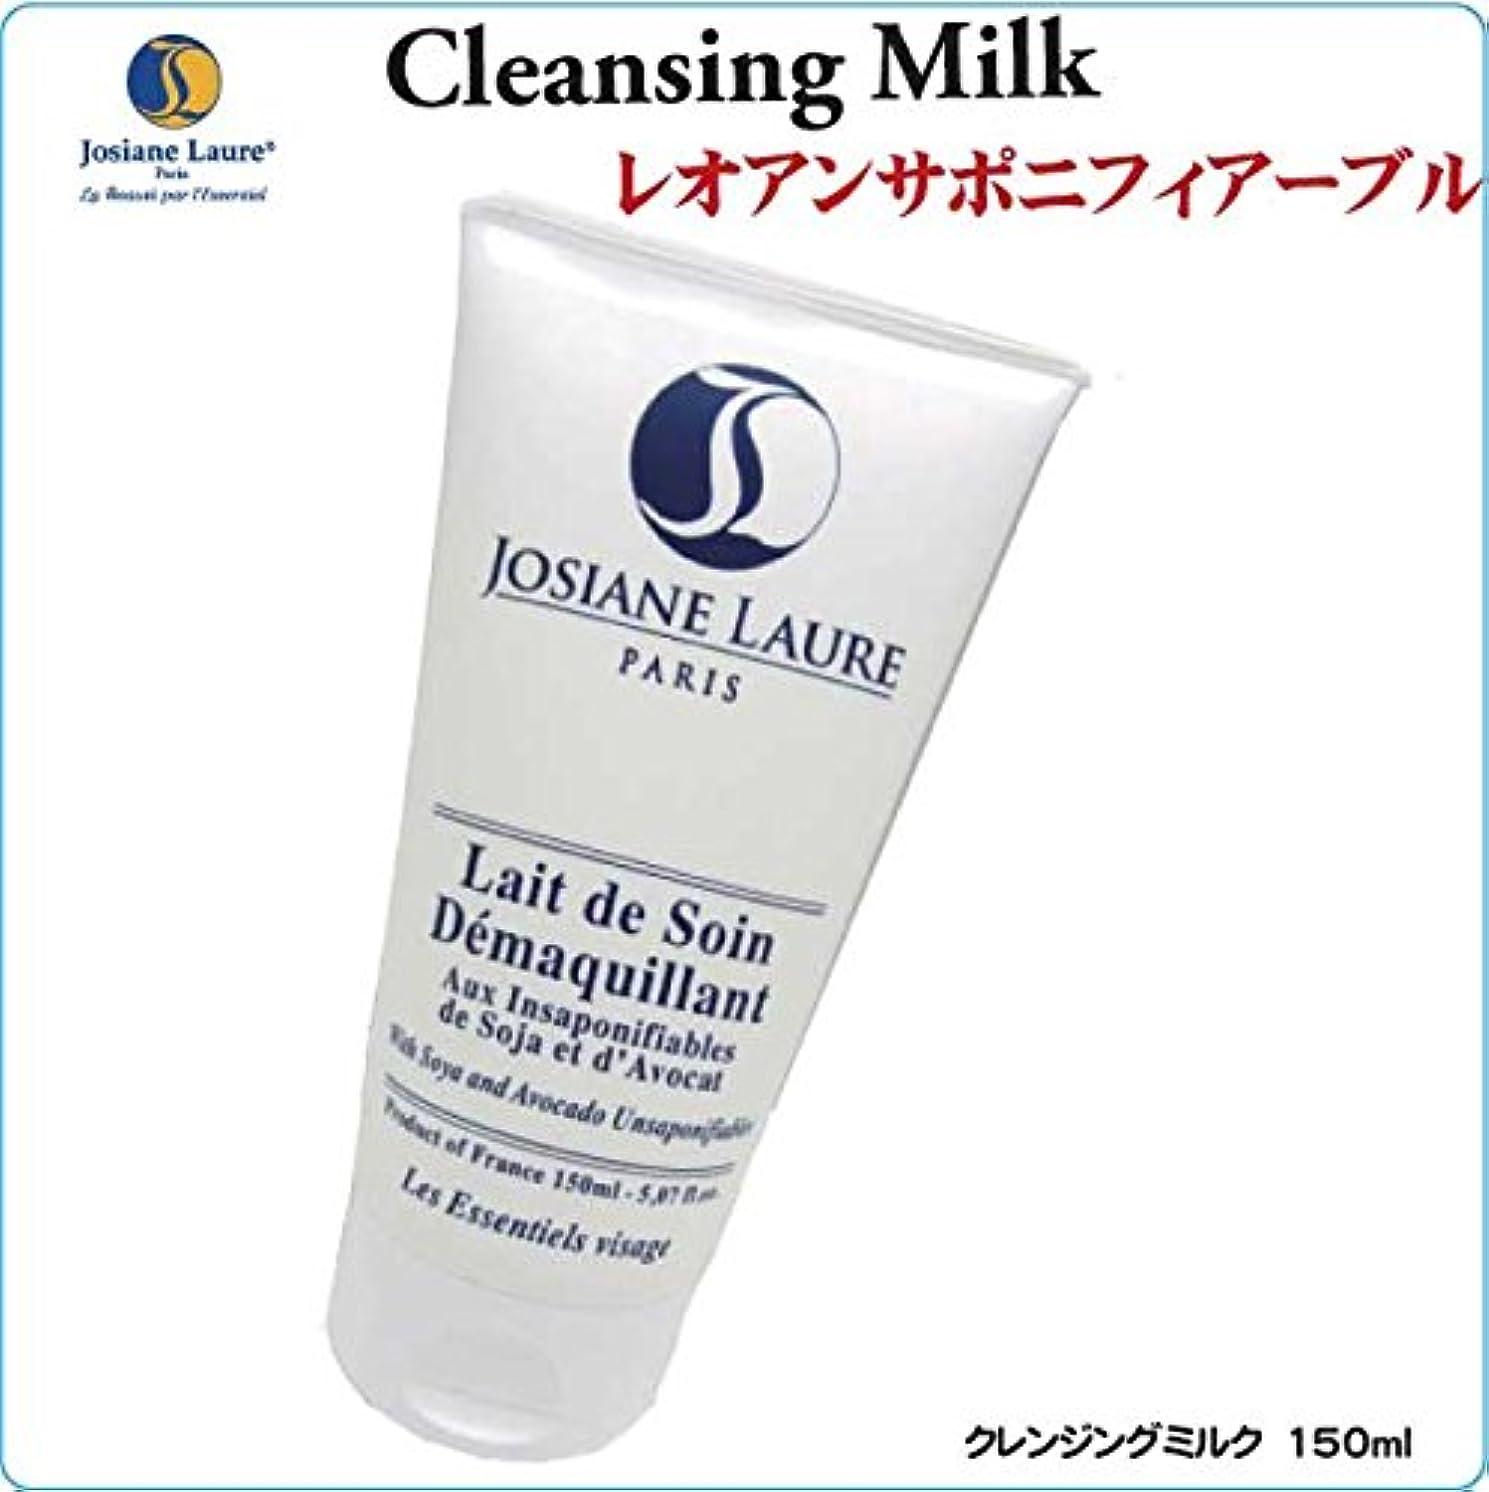 命令的一致【ジョジアンロール】 レオアンサポニフィアーブル  (クレンジングミルク) 150ml